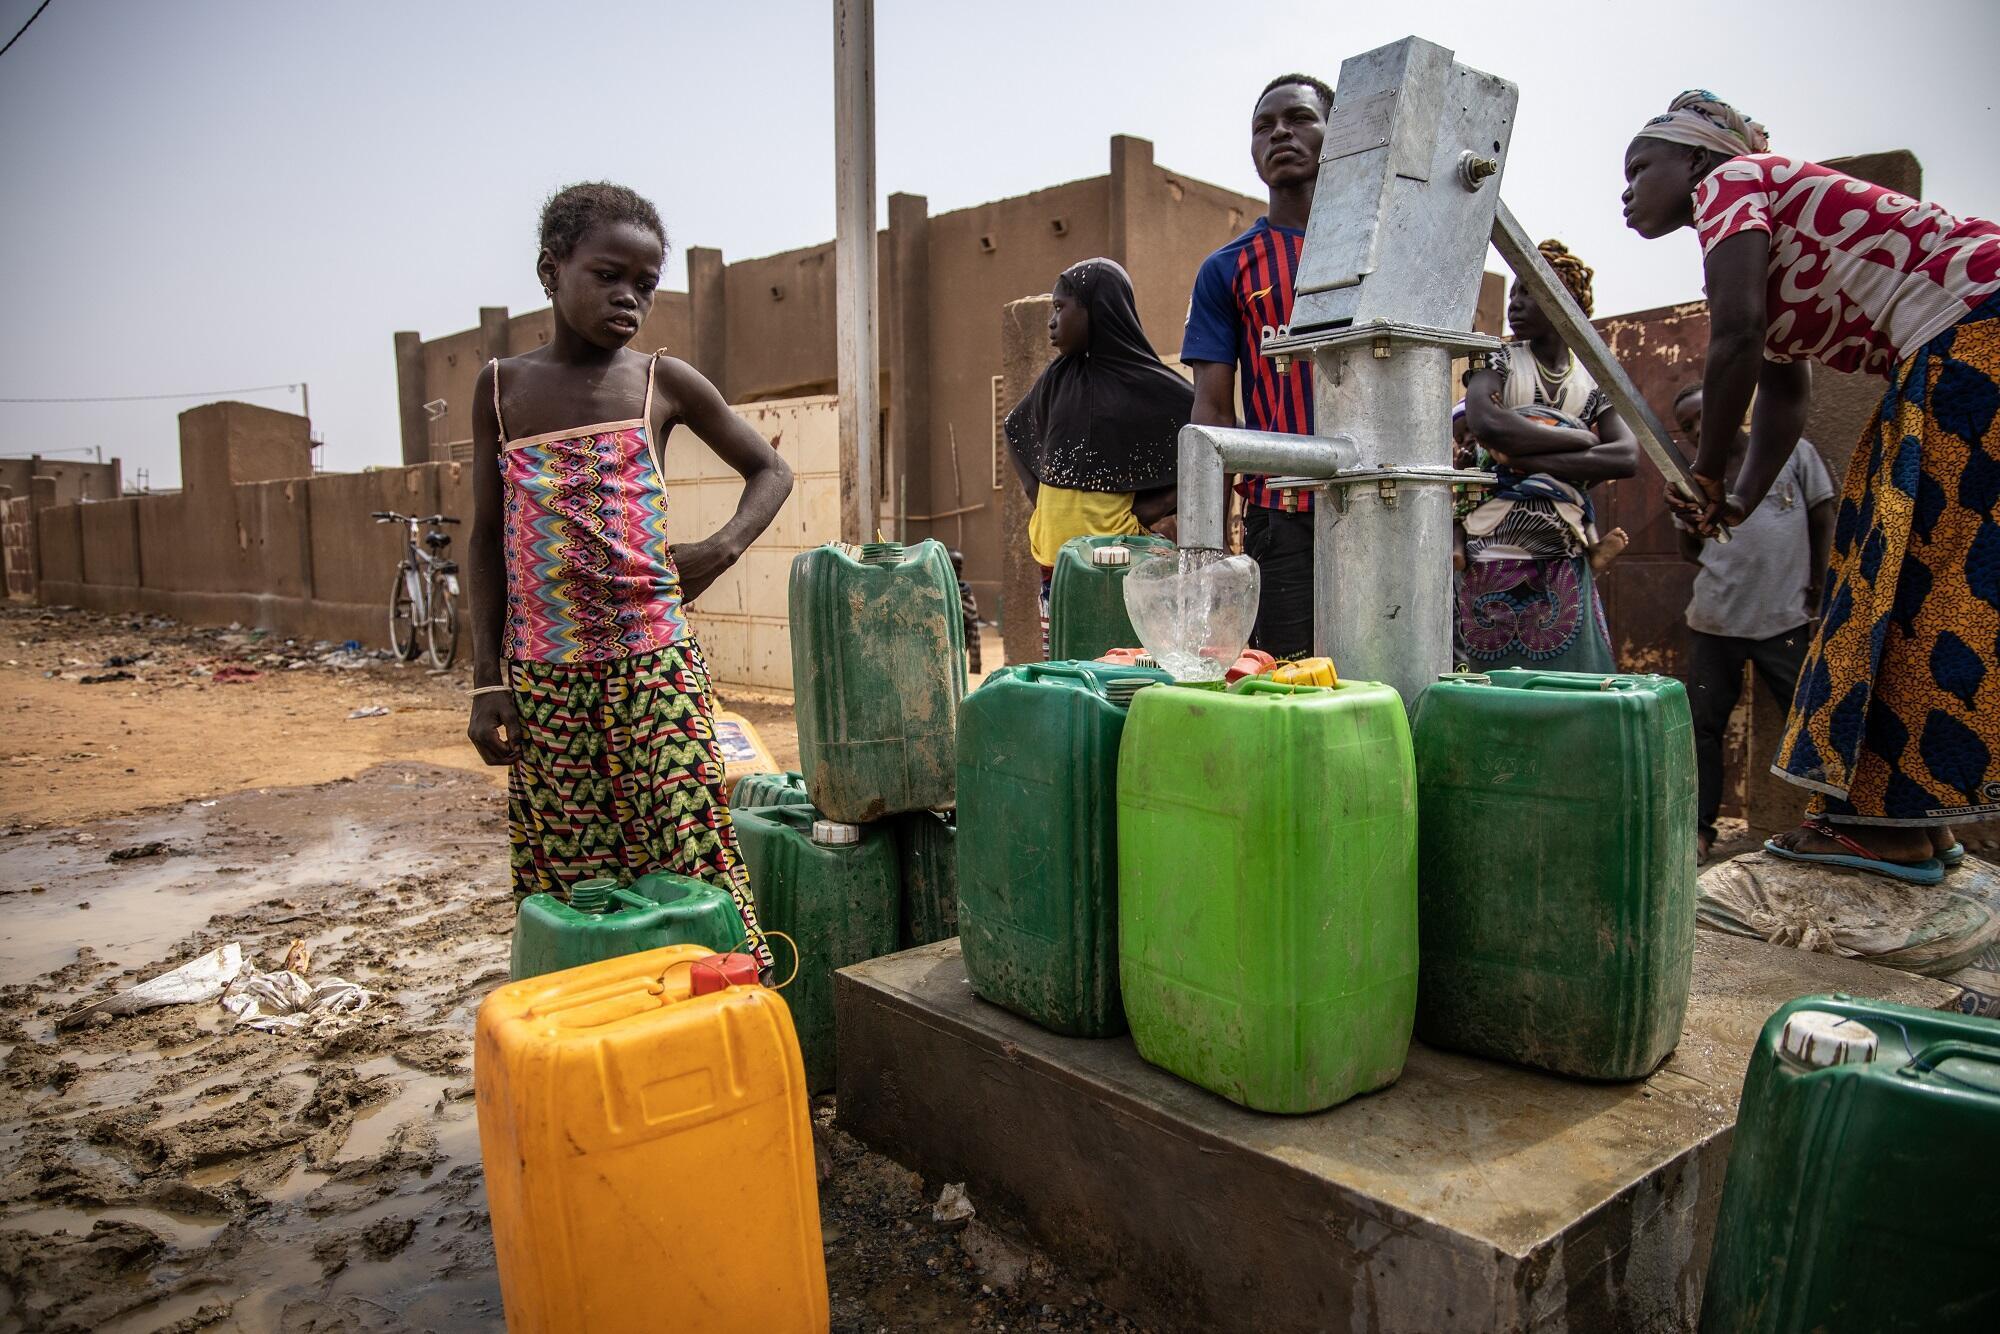 Des déplacés internes venus du nord de Burkina Faso, autour d'une pompe à eau, à Kaya, le 22 janvier 2020 (Photo d'illustration).